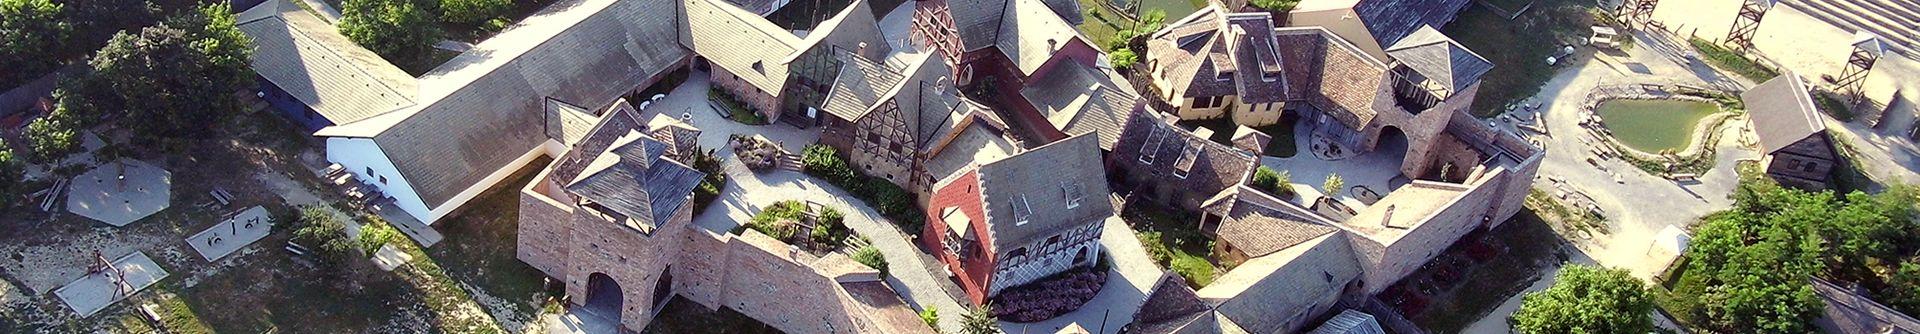 Erlebnispark Direkt neben dem Schlosshotel wird das Mittelalter lebendig